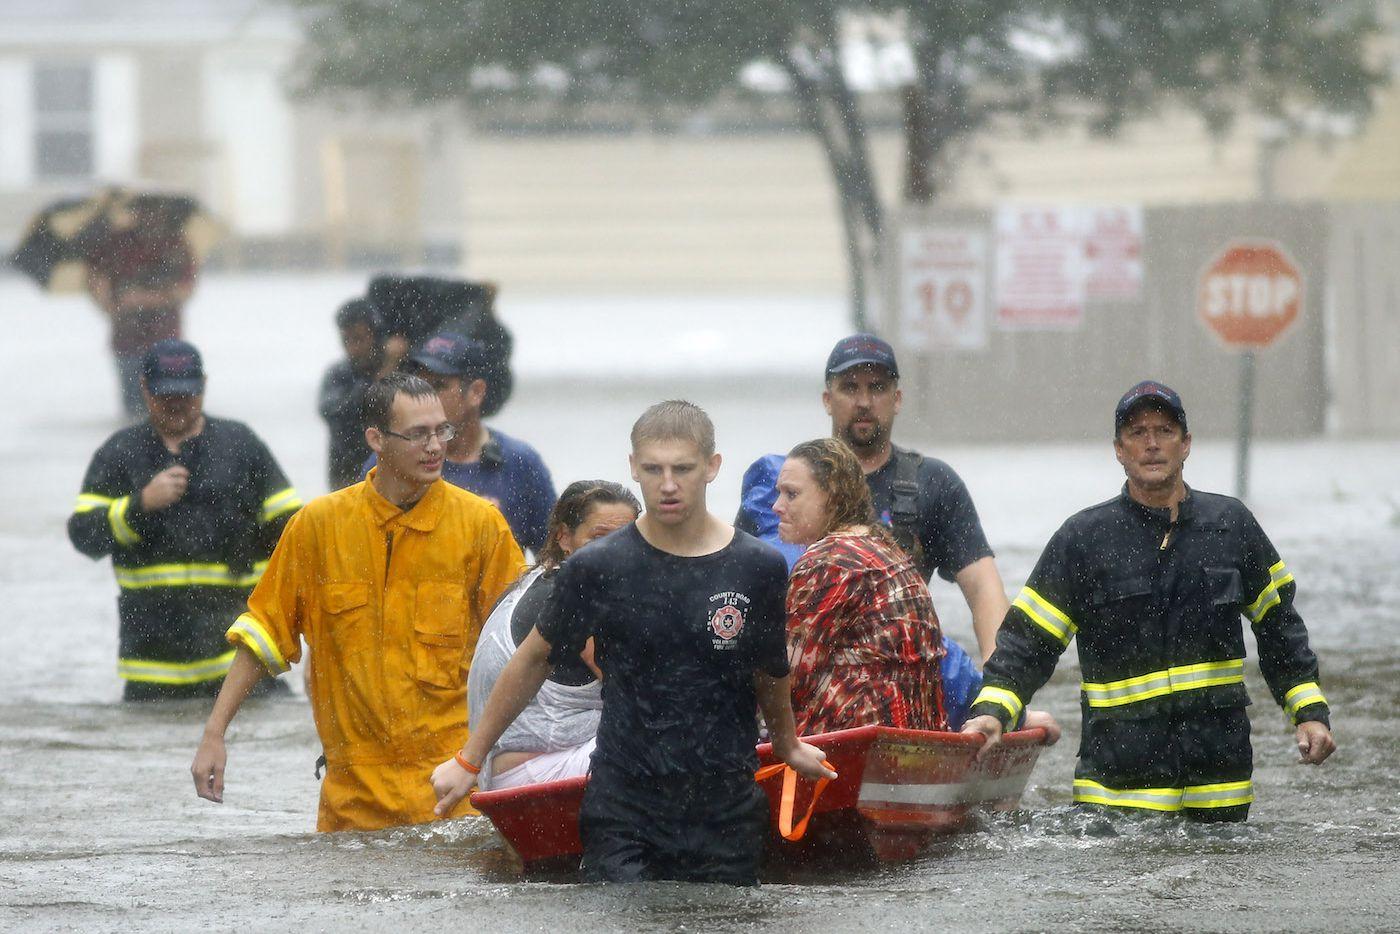 Voluntarios del Departamento de Bomberos y Rescate County Road 143 ayudan a rescatar a personas atrapadas por las inundaciones en Pearland, Texas. TOM FOX/ DMN.